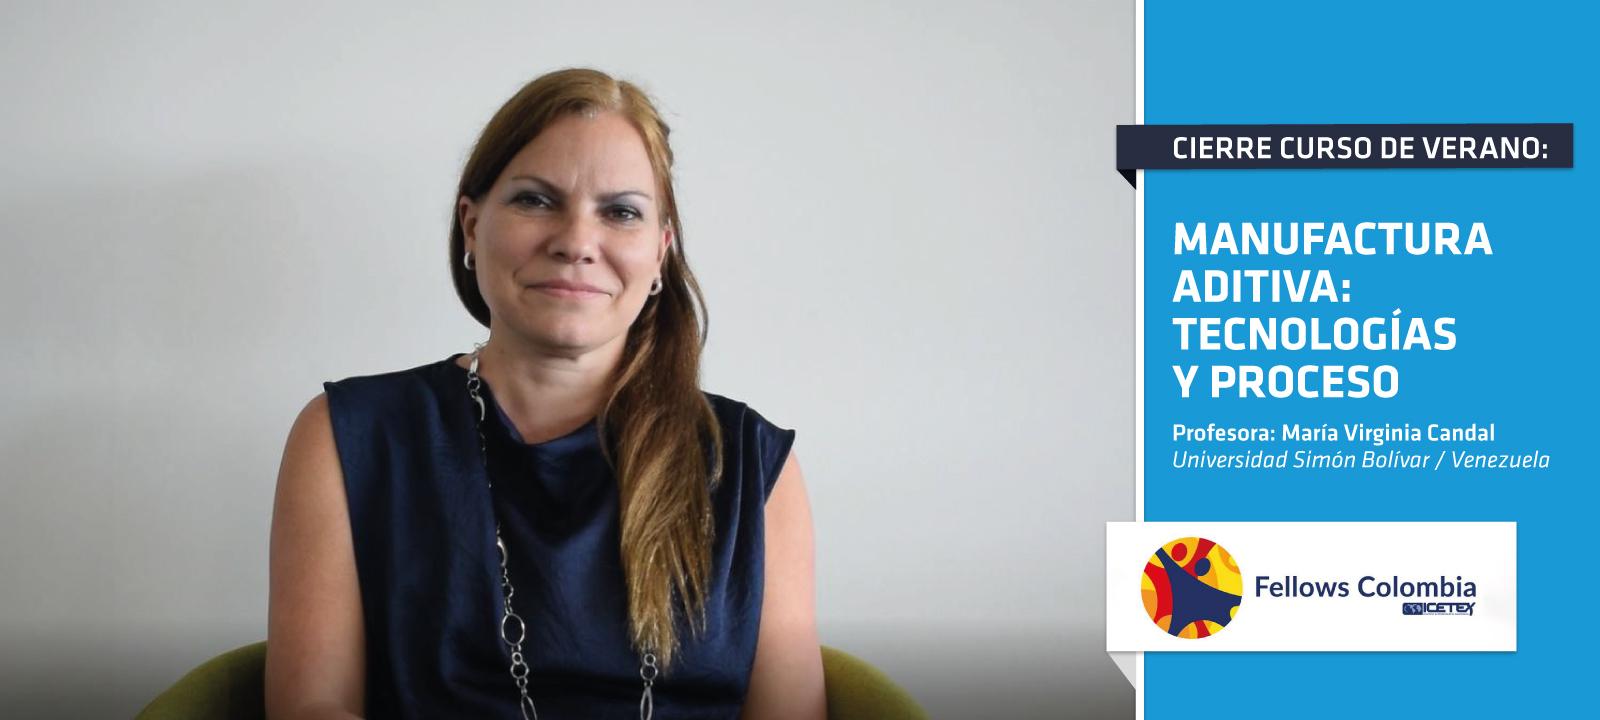 María Virginia Candal fue una de las profesoras invitadas a la Escuela Internacional de Verano 2019 | Uniandes